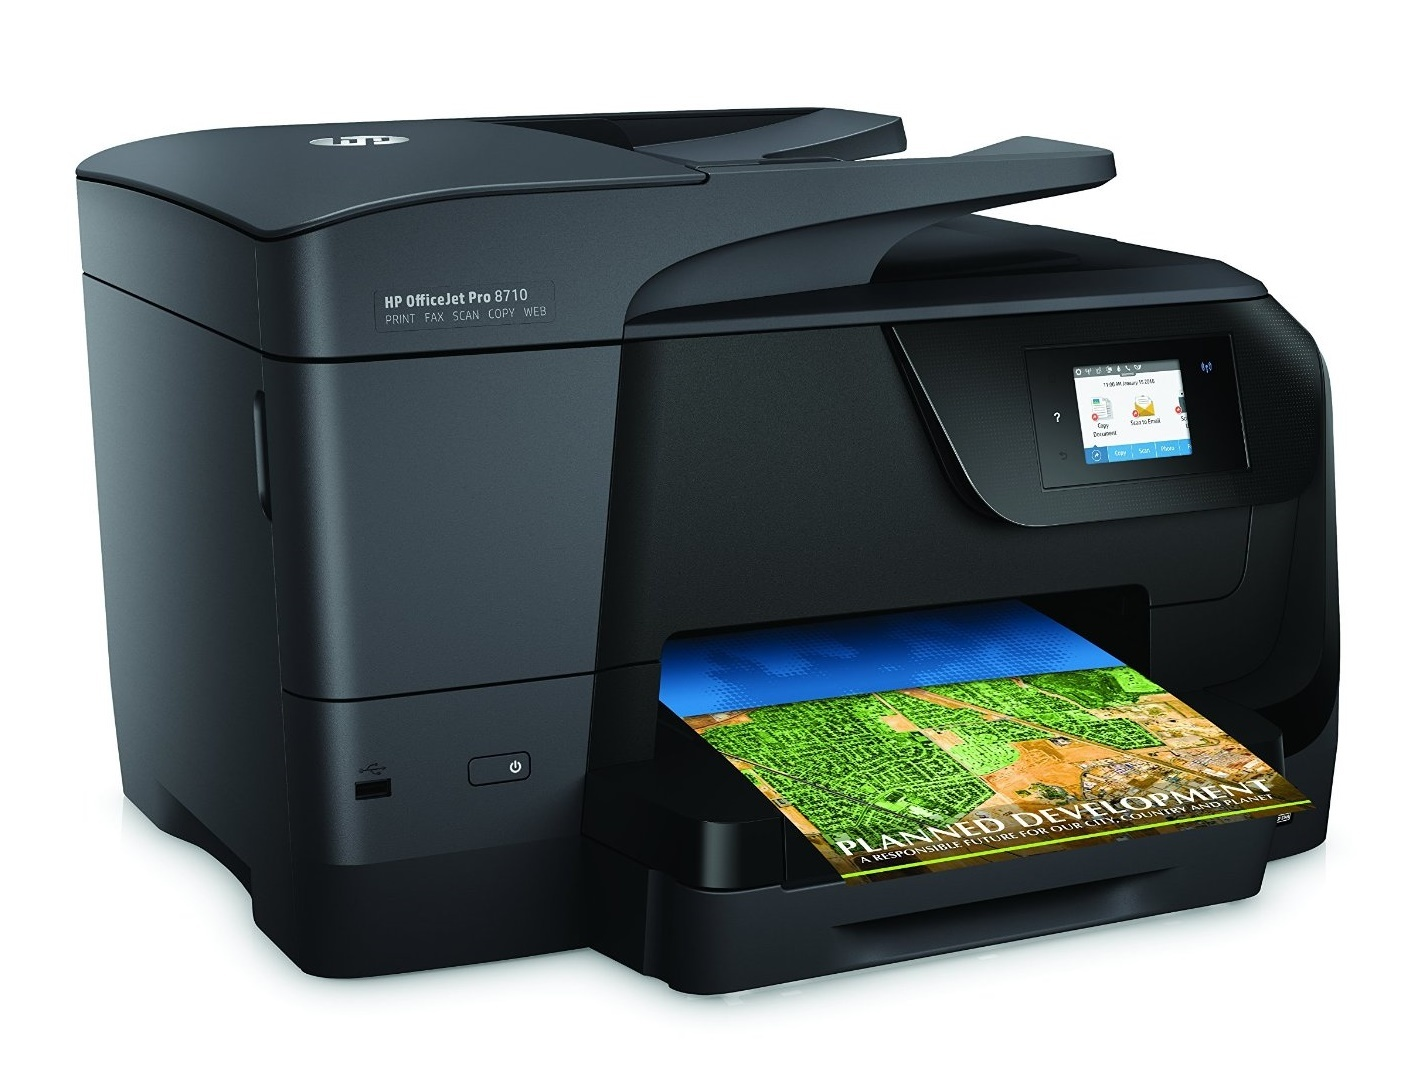 HP Officejet Pro 8710 22ppm Inkjet MFC Printer